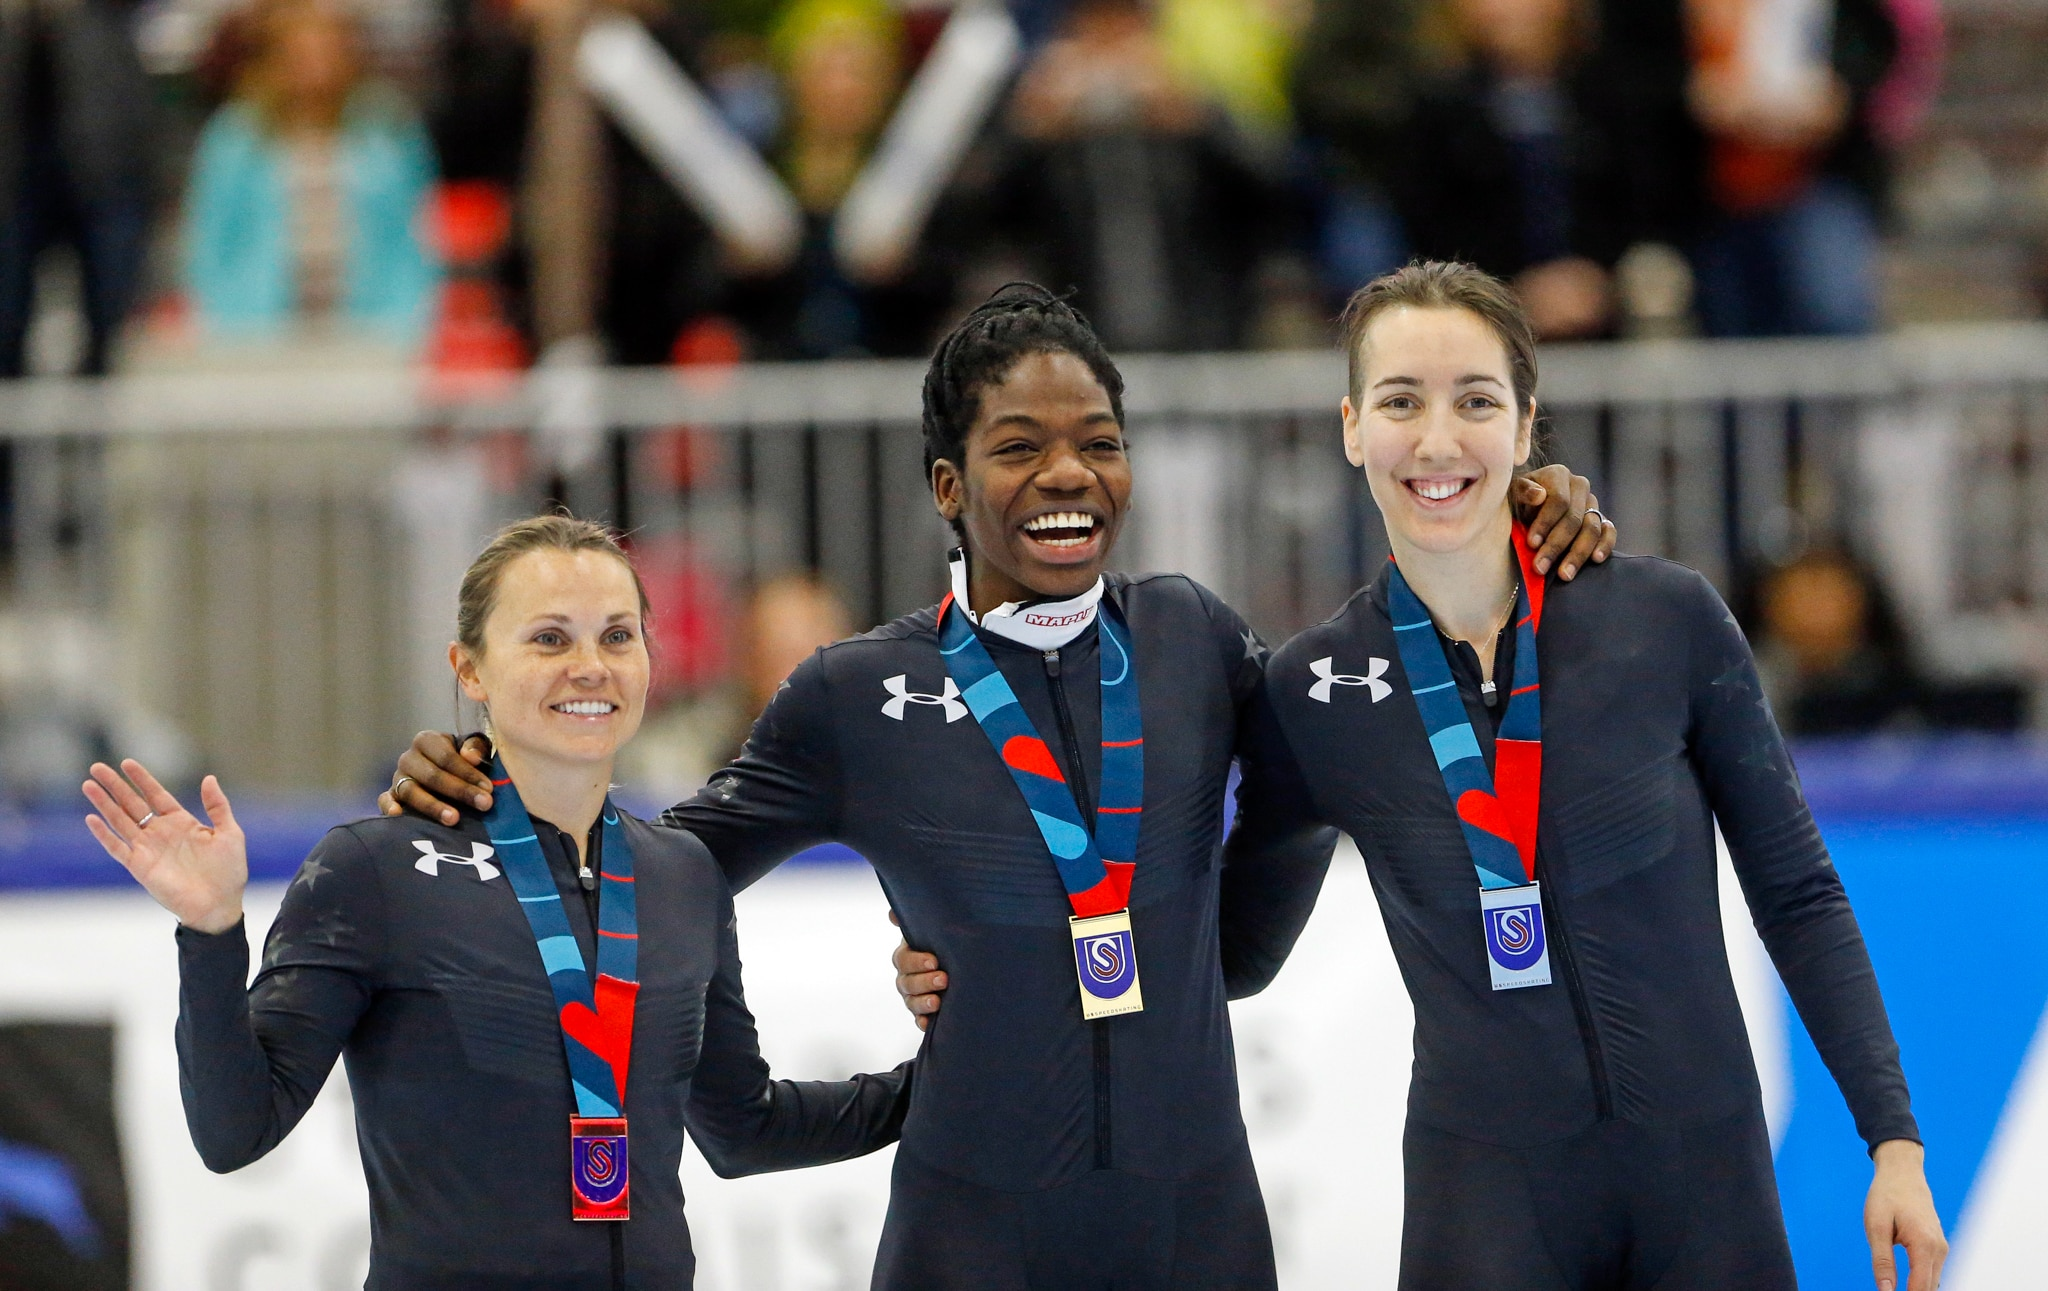 Tres patinadoras velocistas luciendo sus medallas (© AP Images)